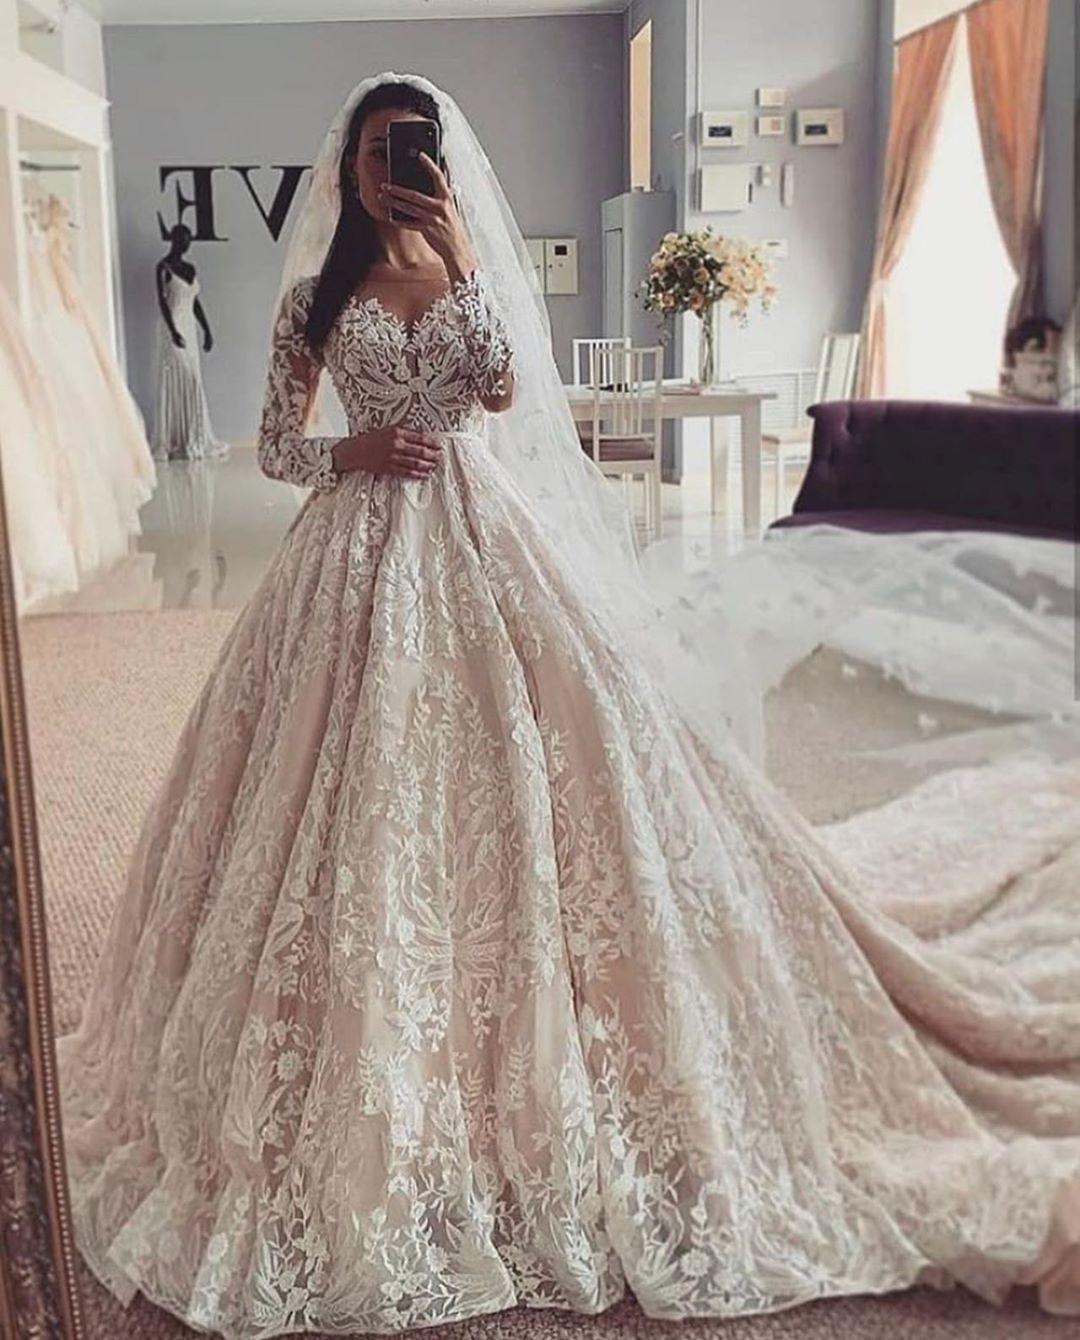 Laquelle préférez-vous ? 👰🏻 ⠀ ⠀ ⠀ #wedding